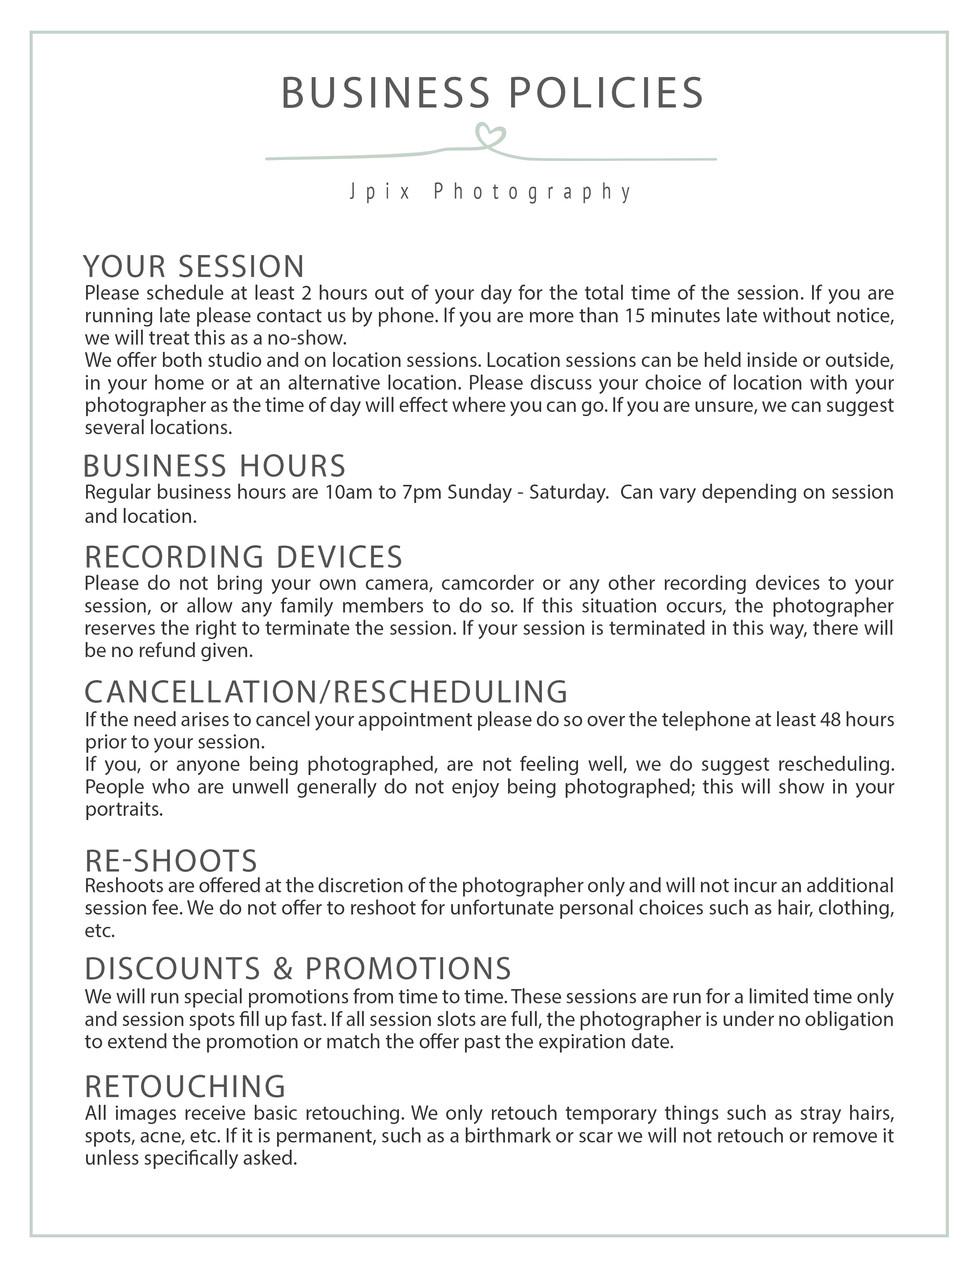 Business policies1.jpg